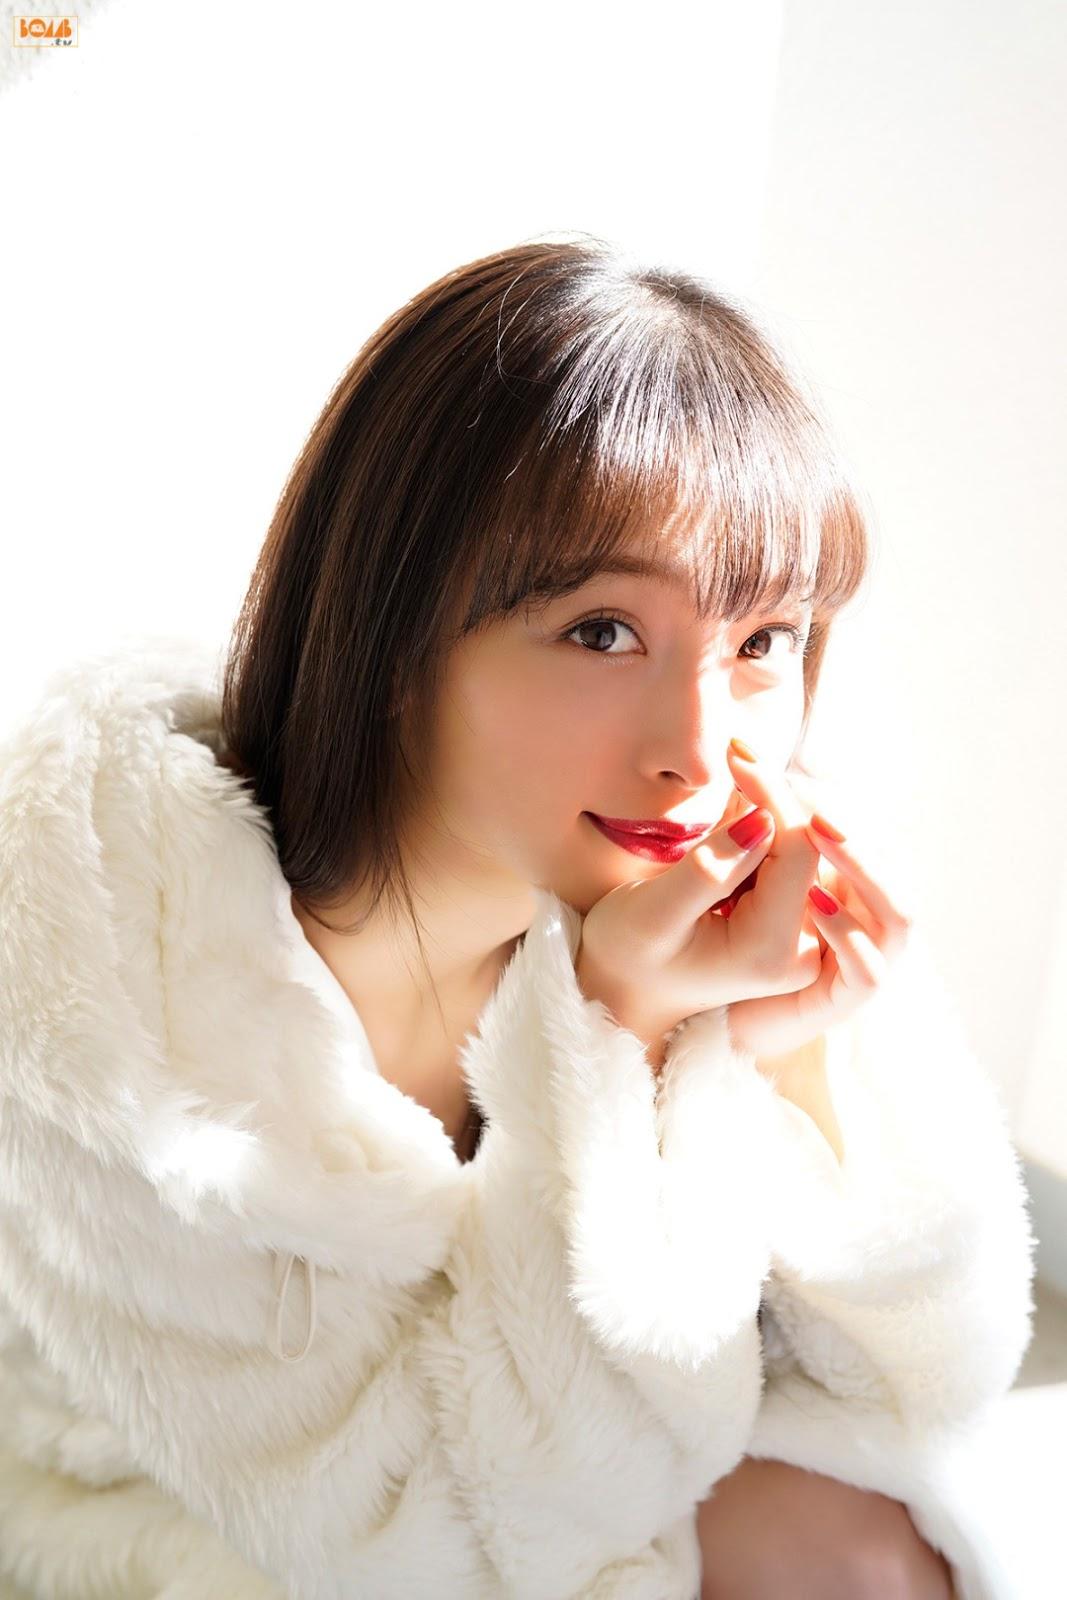 Hanamura 01003